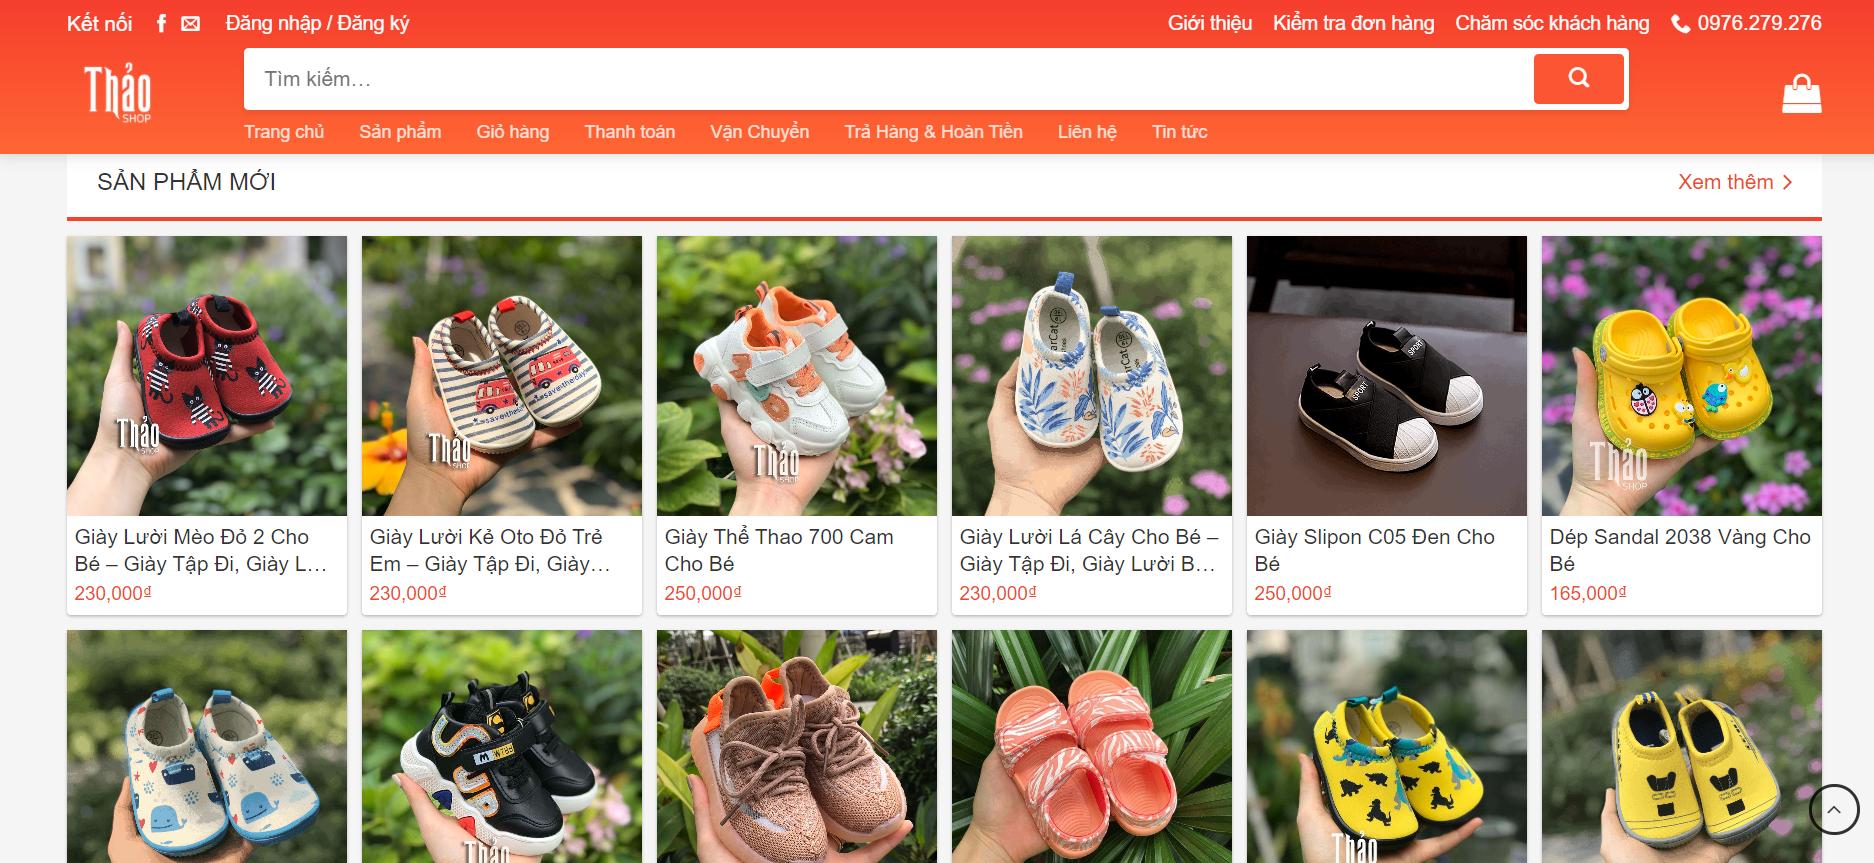 Giaytreem.vn cung cấp đa dạng các mẫu giày dép cho bé yêu